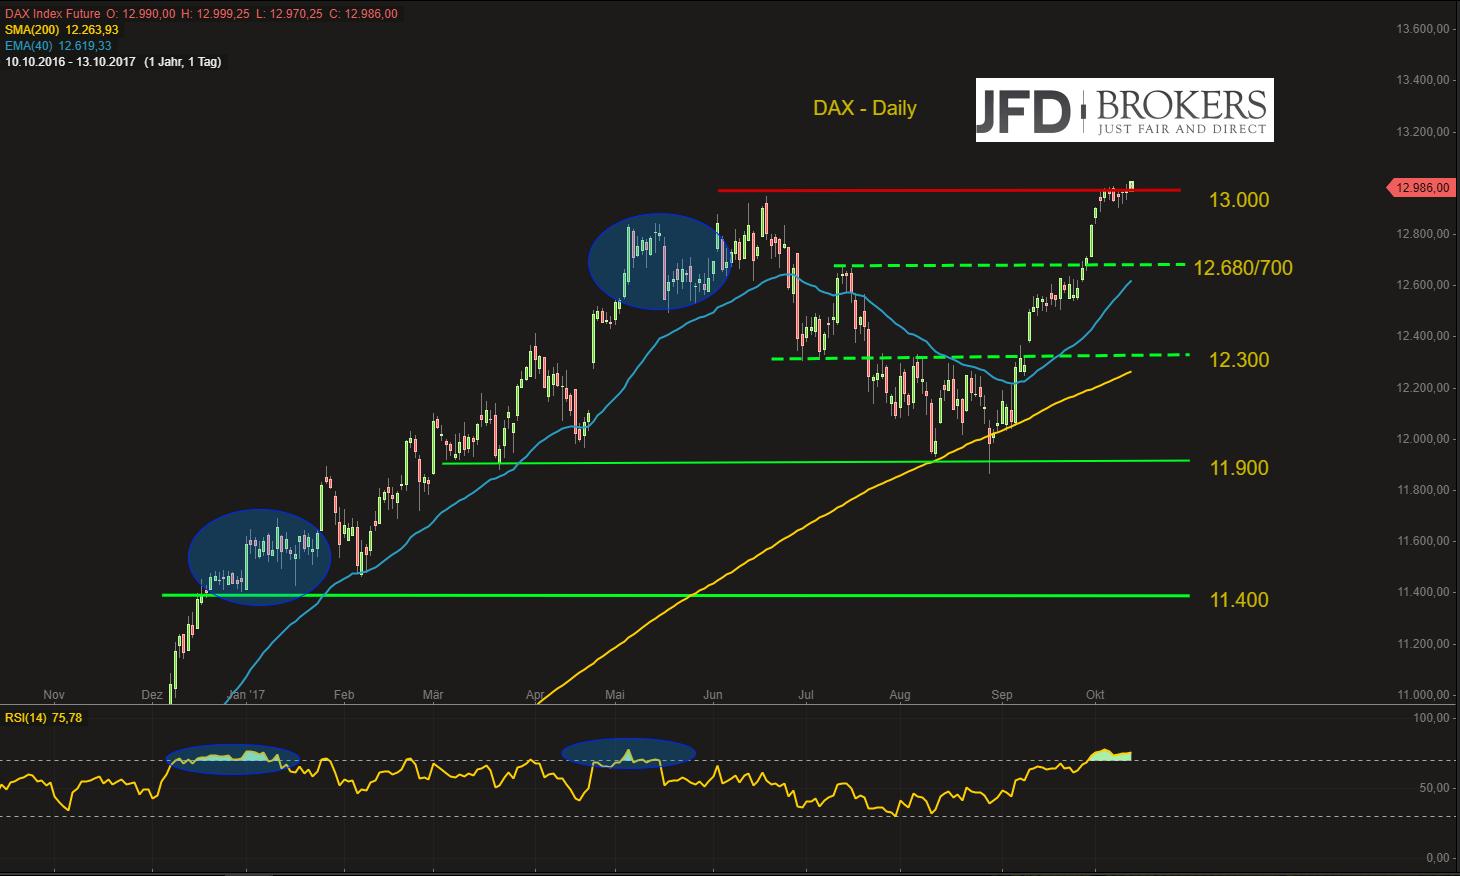 DAX-erreicht-die-13-000-Sentiment-mahnt-zur-Vorsicht-Kommentar-JFD-Brokers-GodmodeTrader.de-3